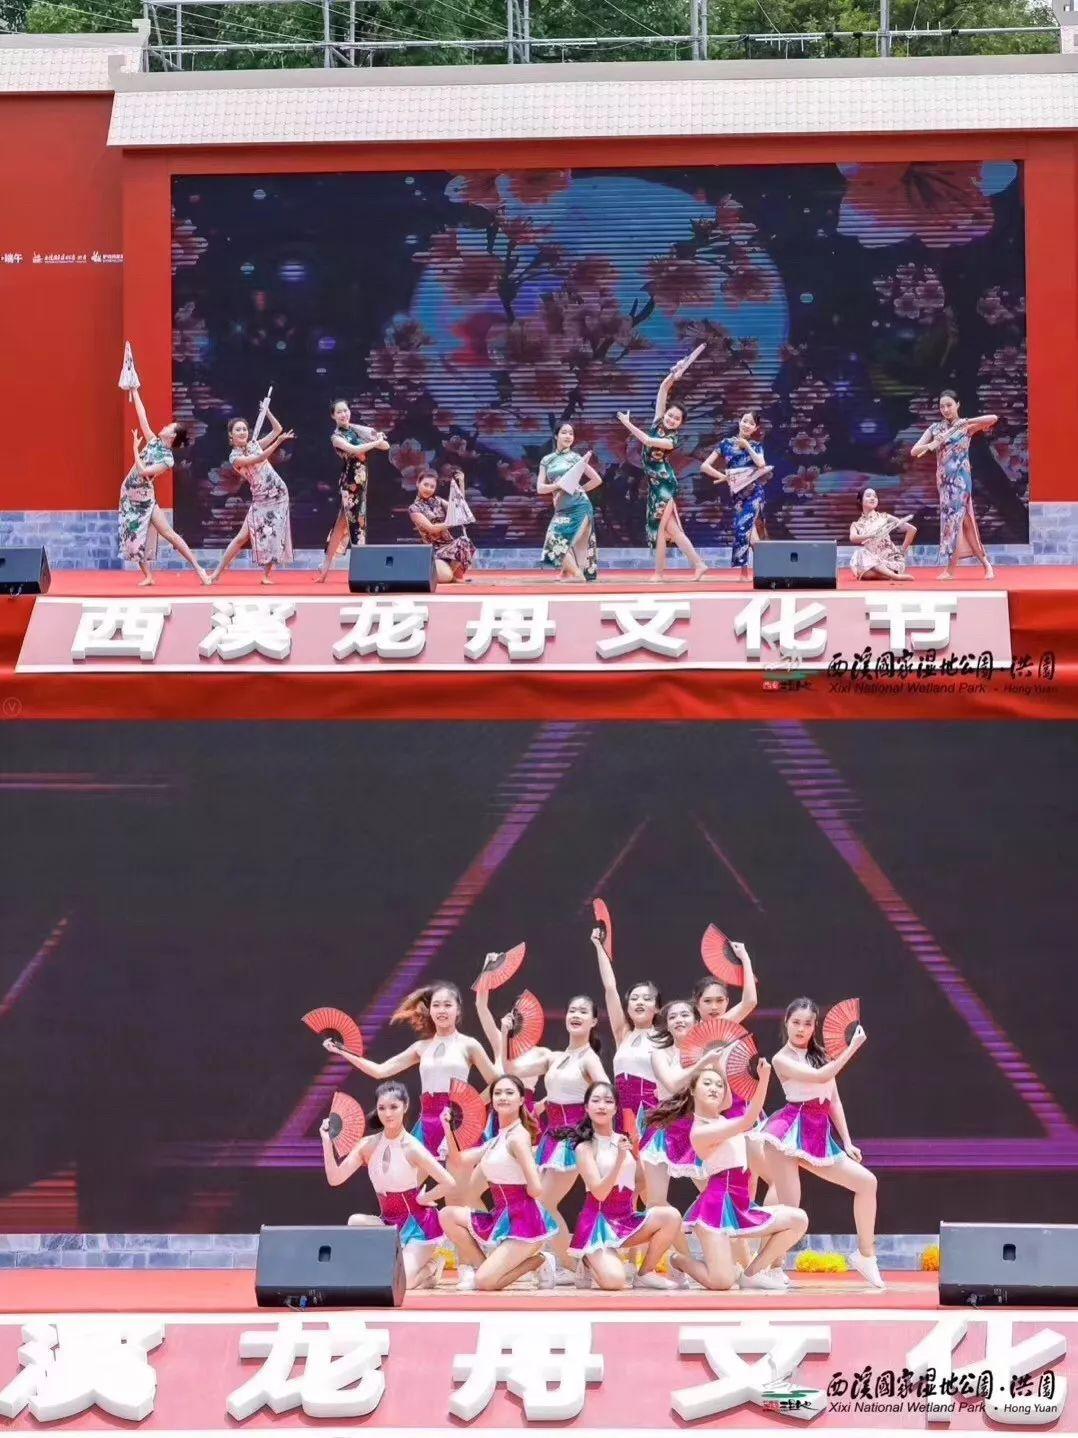 浙大最美学霸团毕业照上线,真正的美丽来自最坚韧的努力!